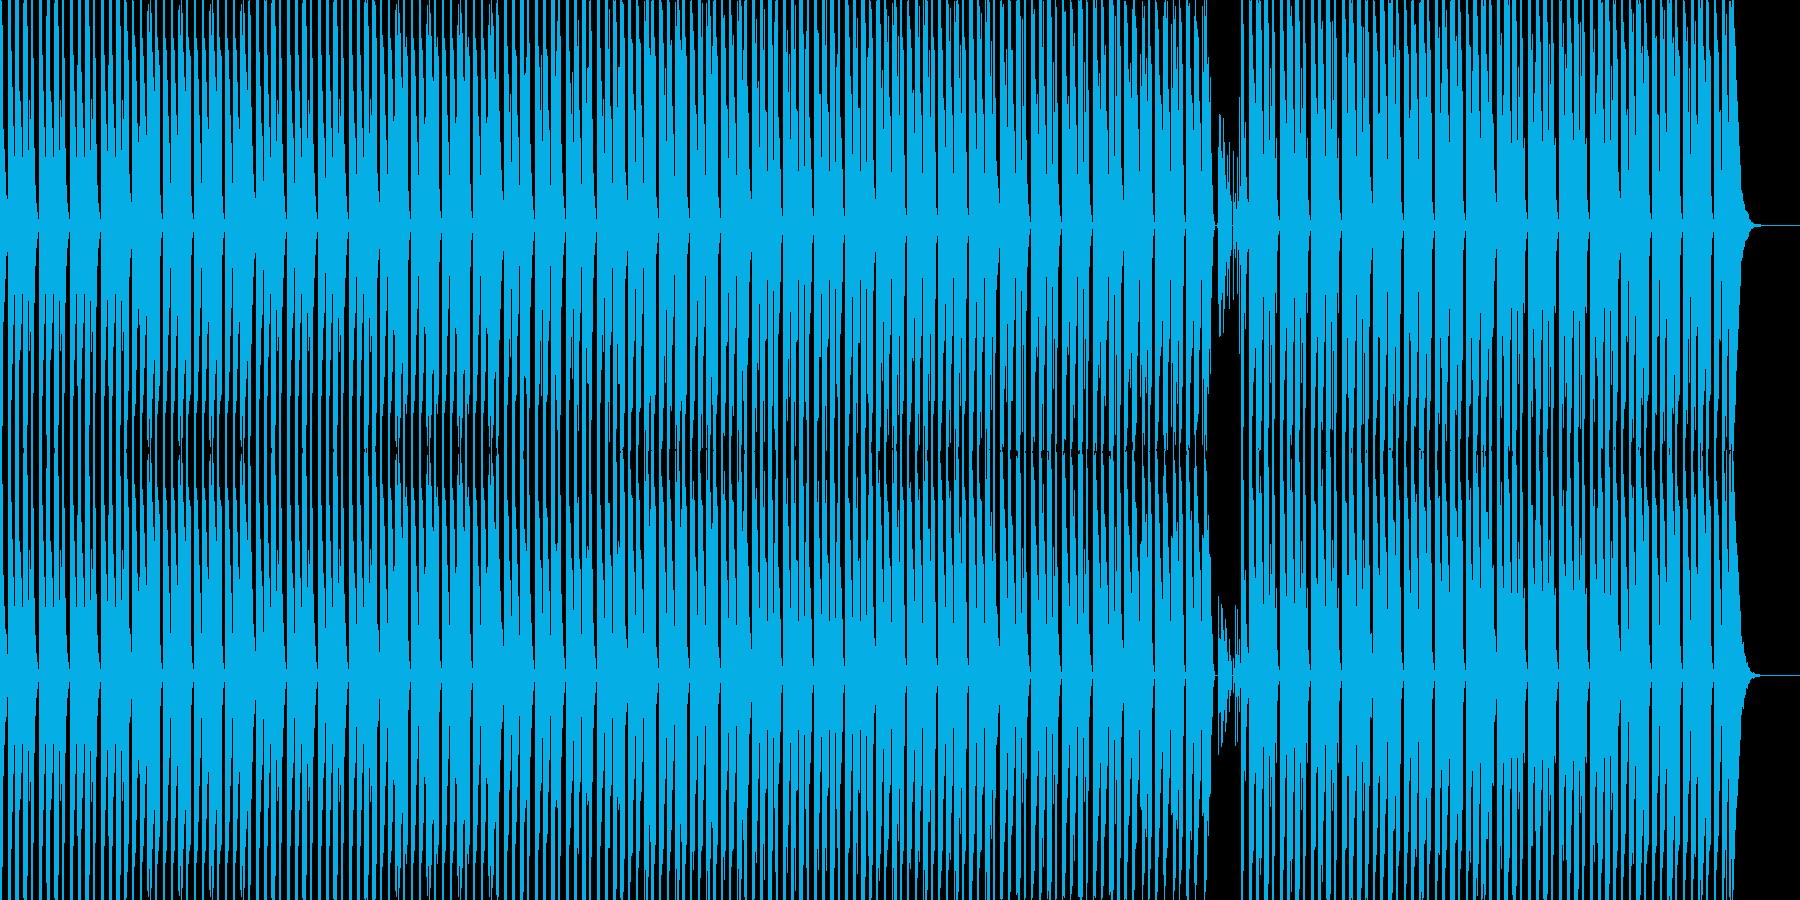 シンプルで印象的なテクノの再生済みの波形